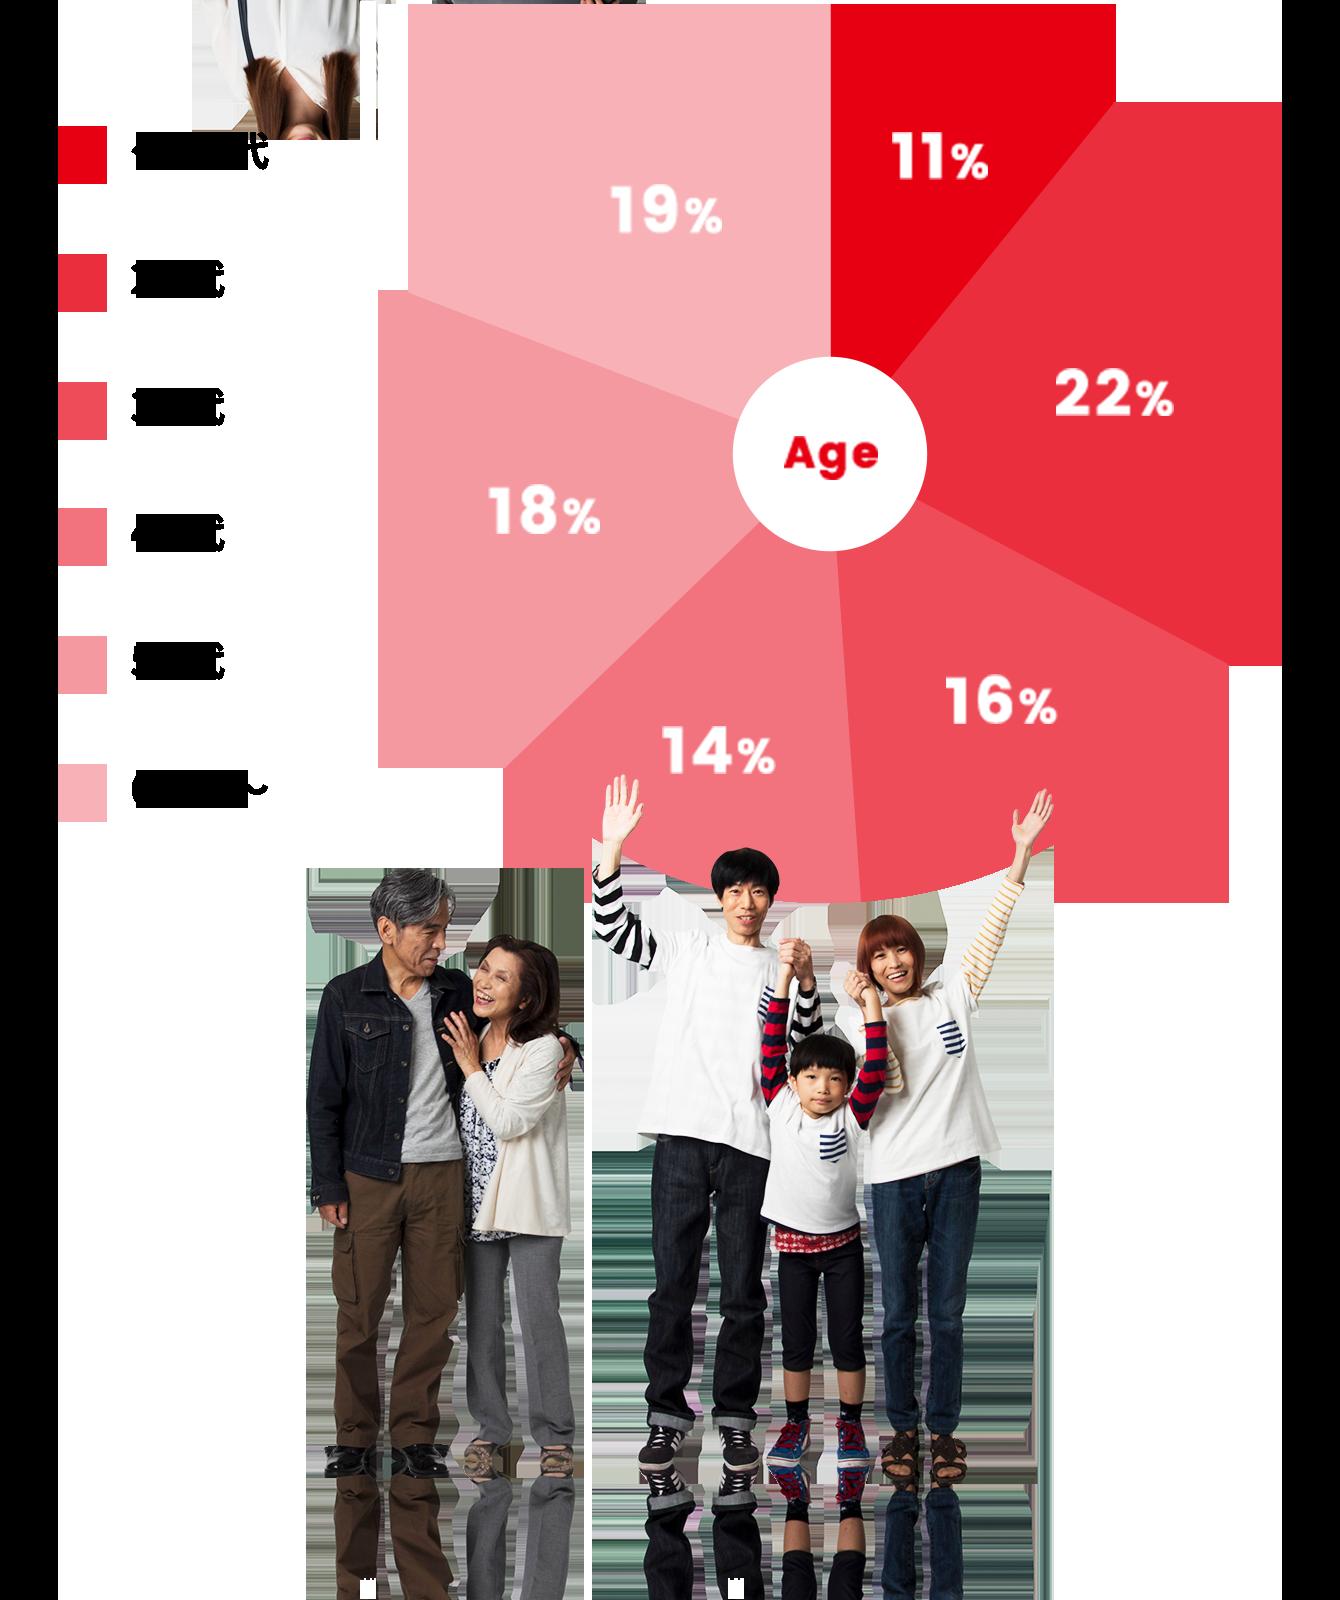 年齢層のグラフ